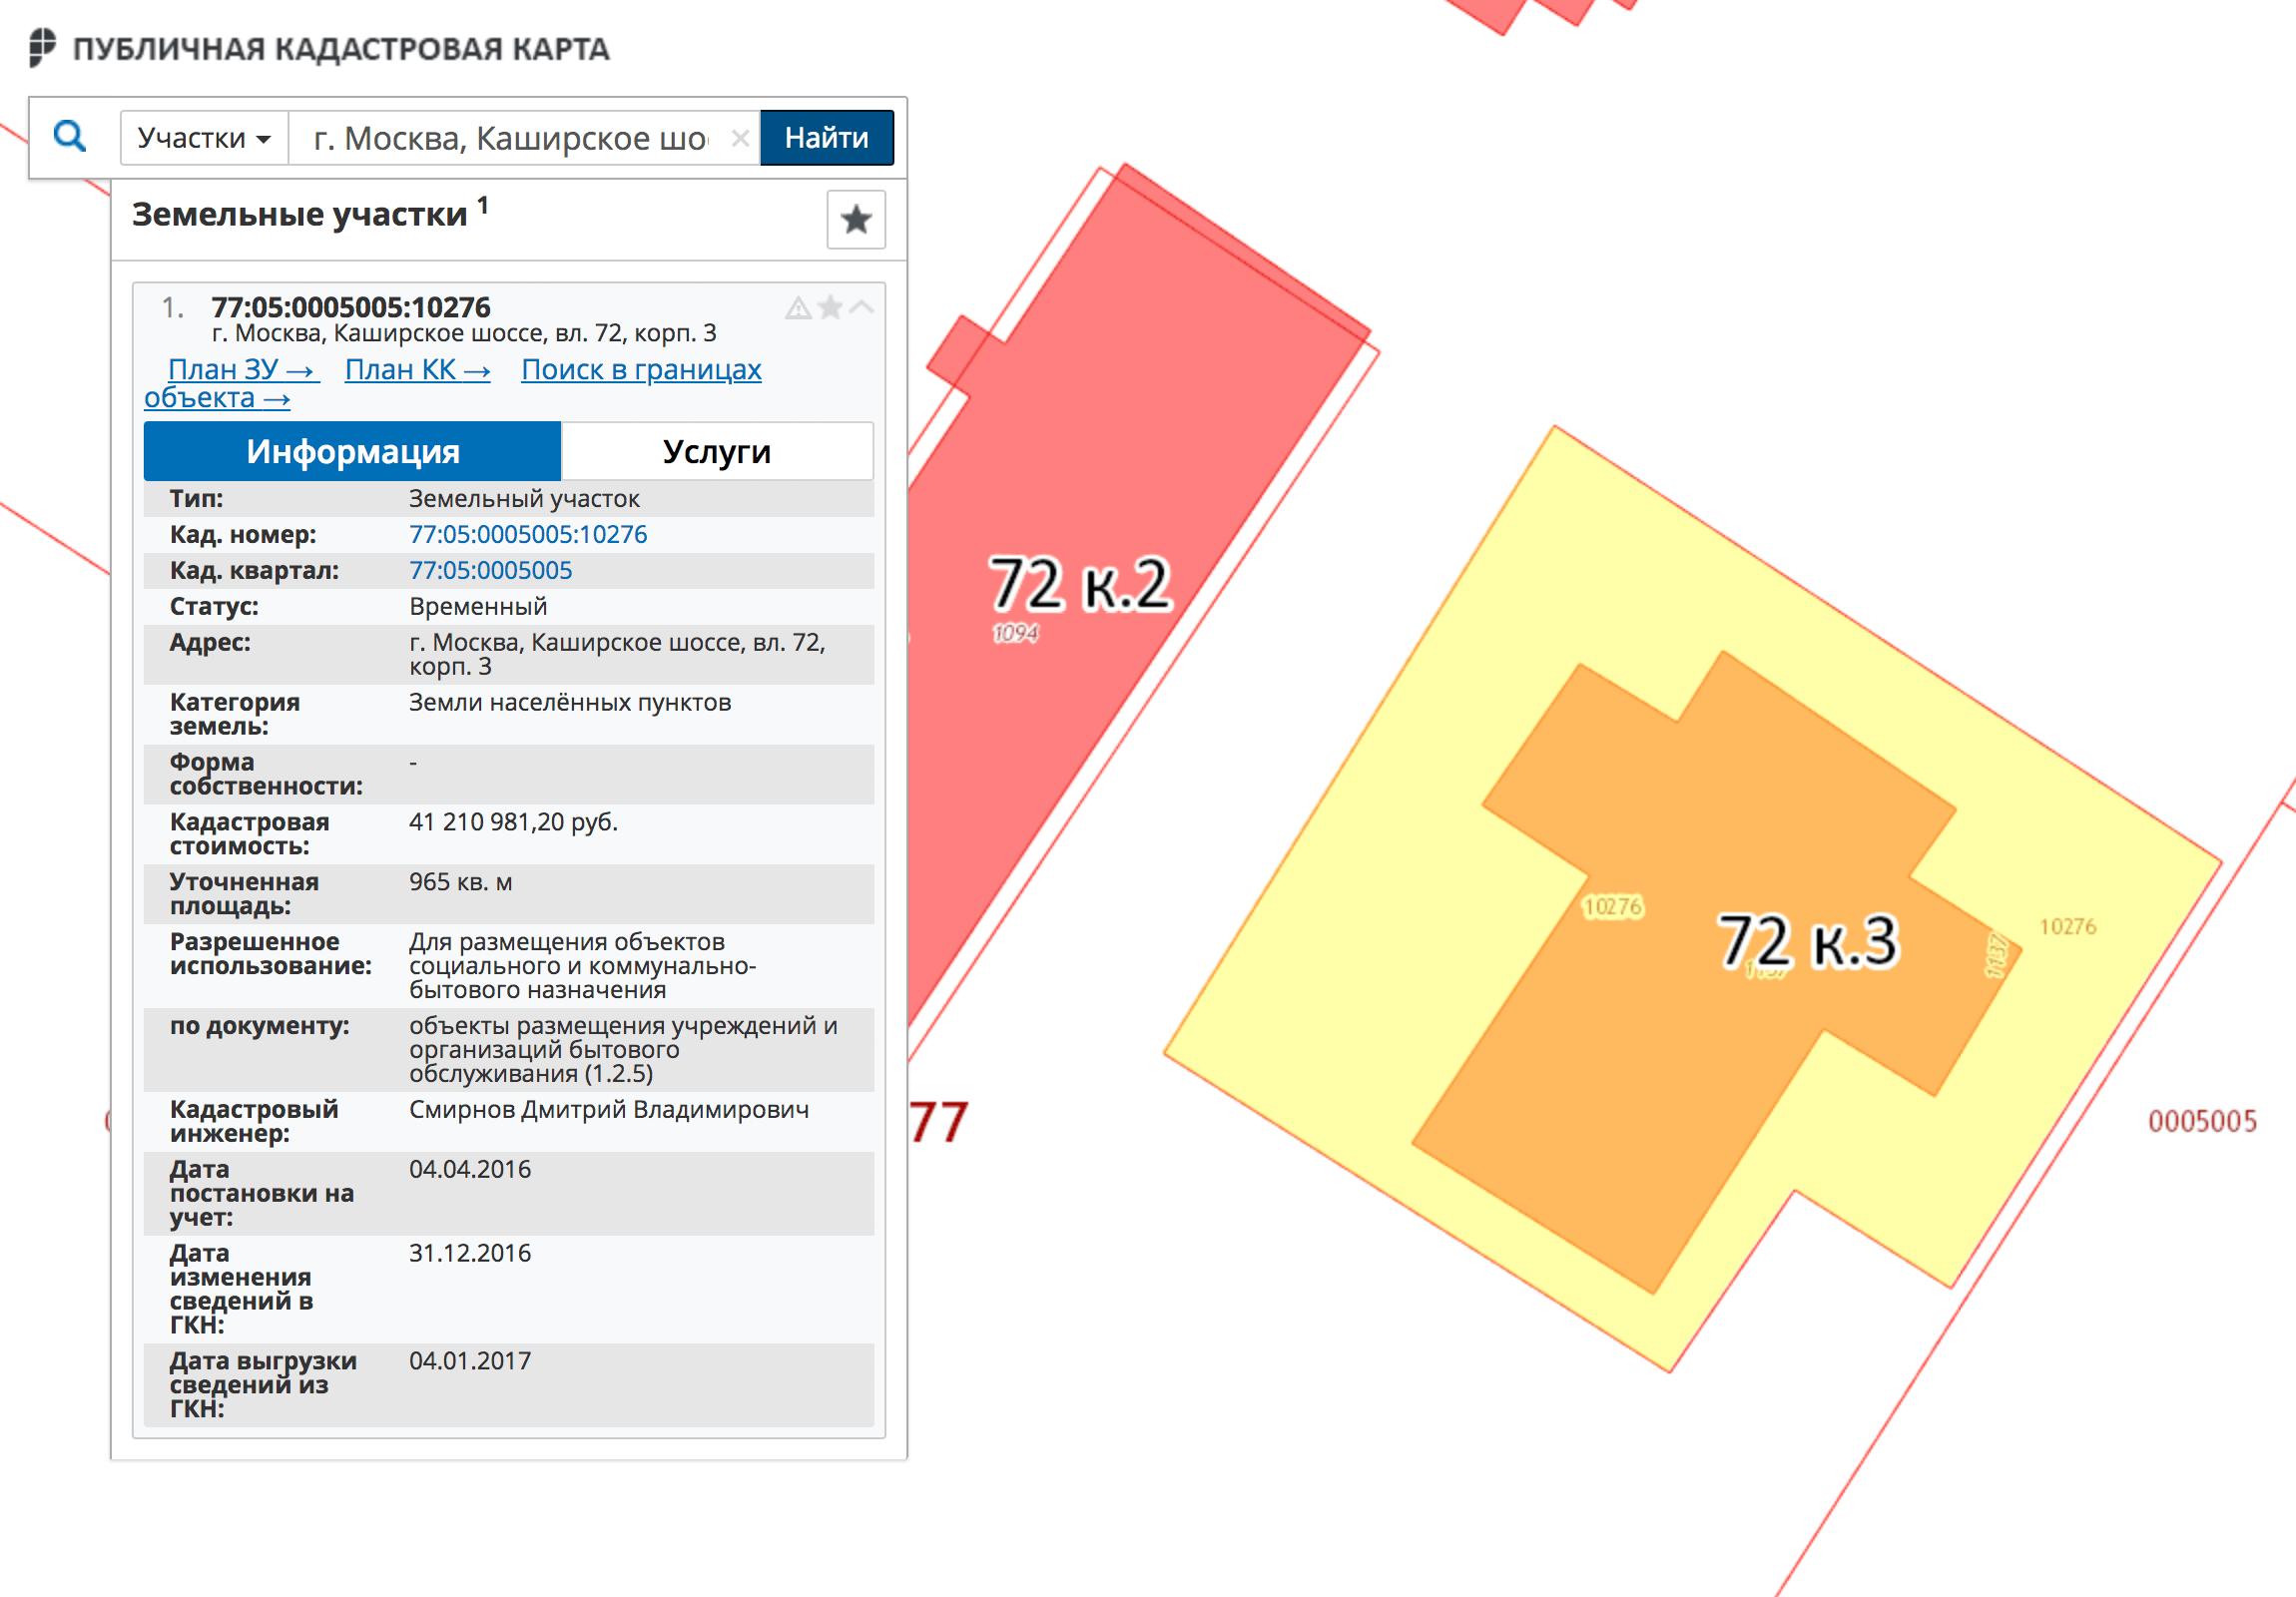 Участок дома по адресу Москва, Каширское шоссе 72, к. 3 не находится в собственности жильцов. Оформить на него это право можно на сайте Росреестра — это стоит 2000 р.